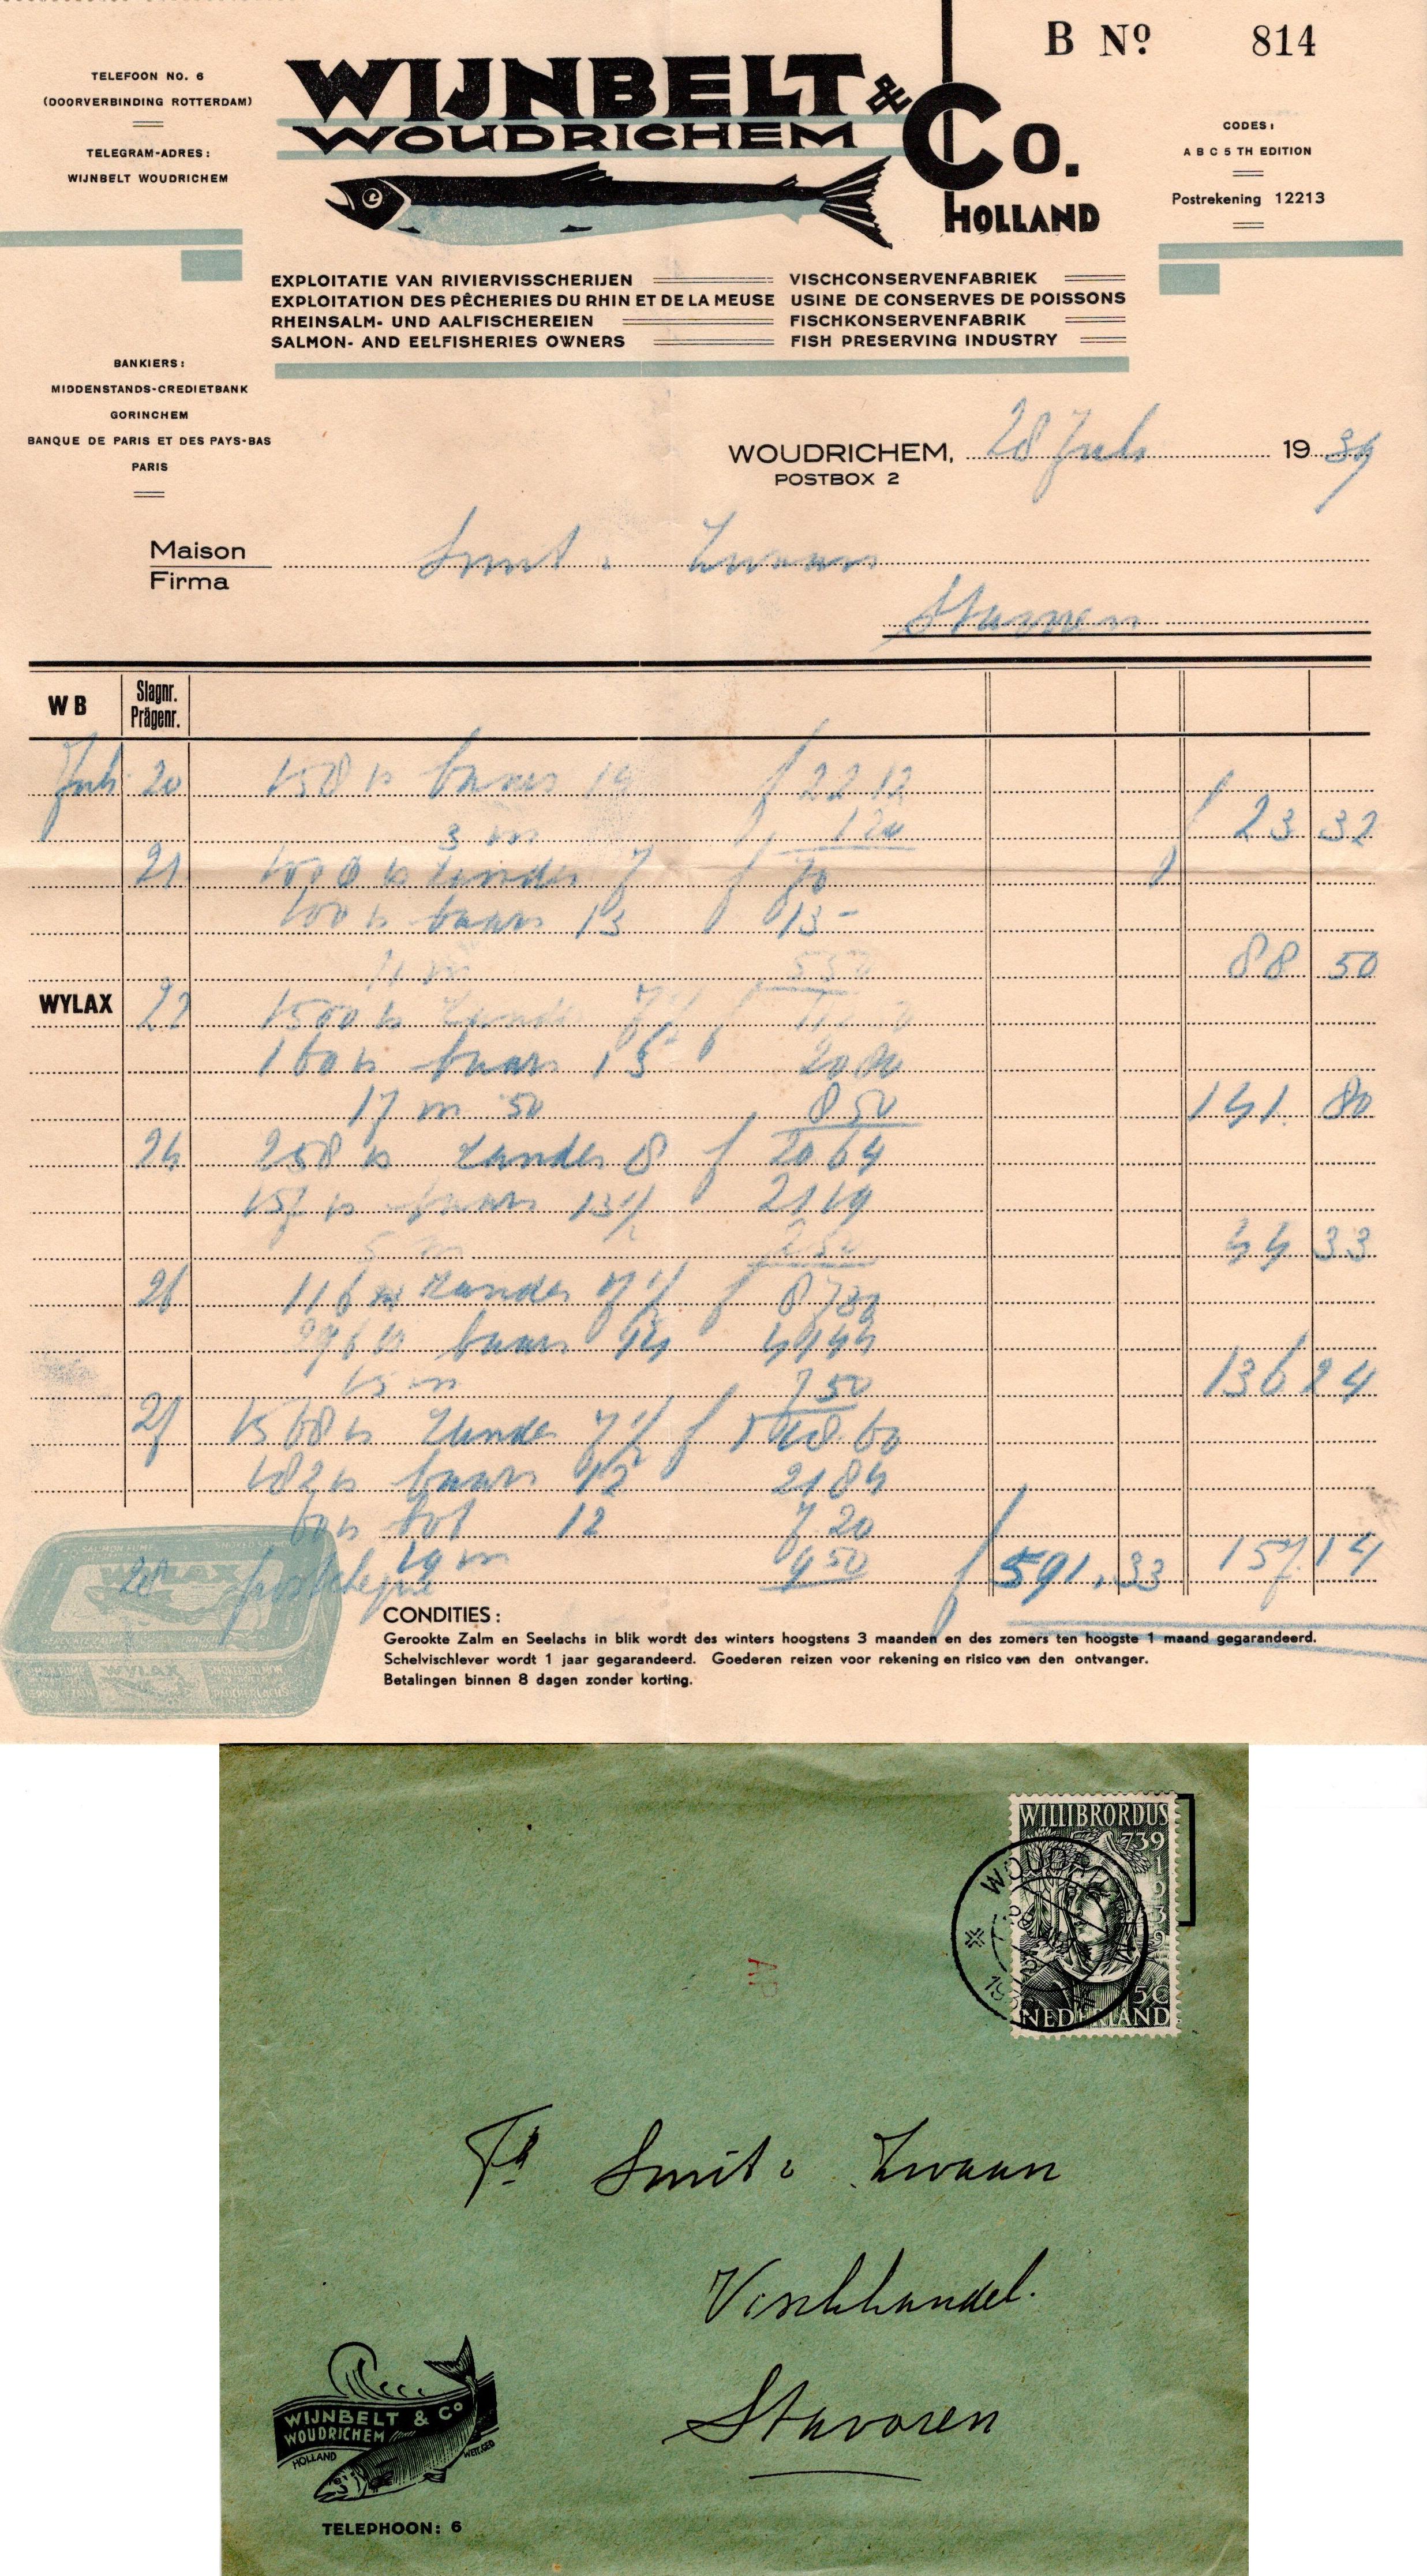 009-REKE-013-Wijnbelt-1939